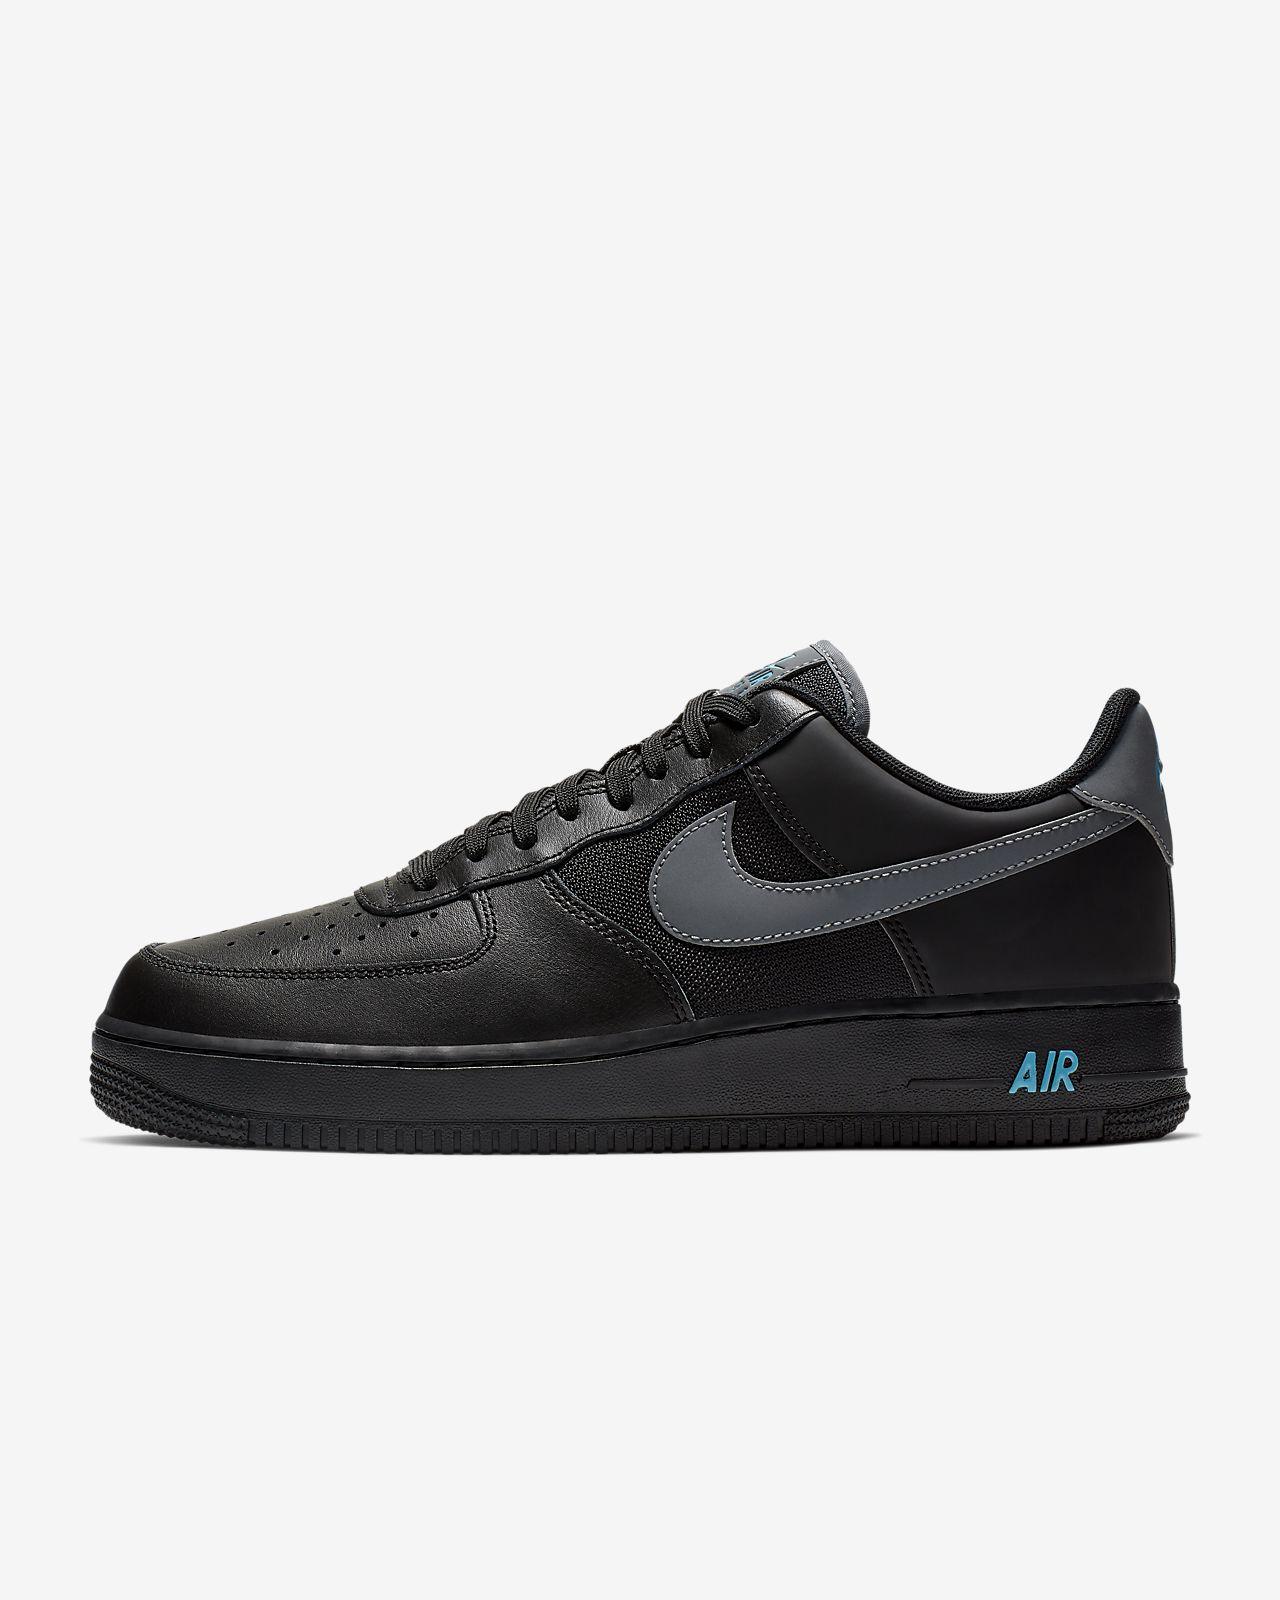 new style dd696 dc119 ... Nike Air Force 1 07 LV8-sko til mænd